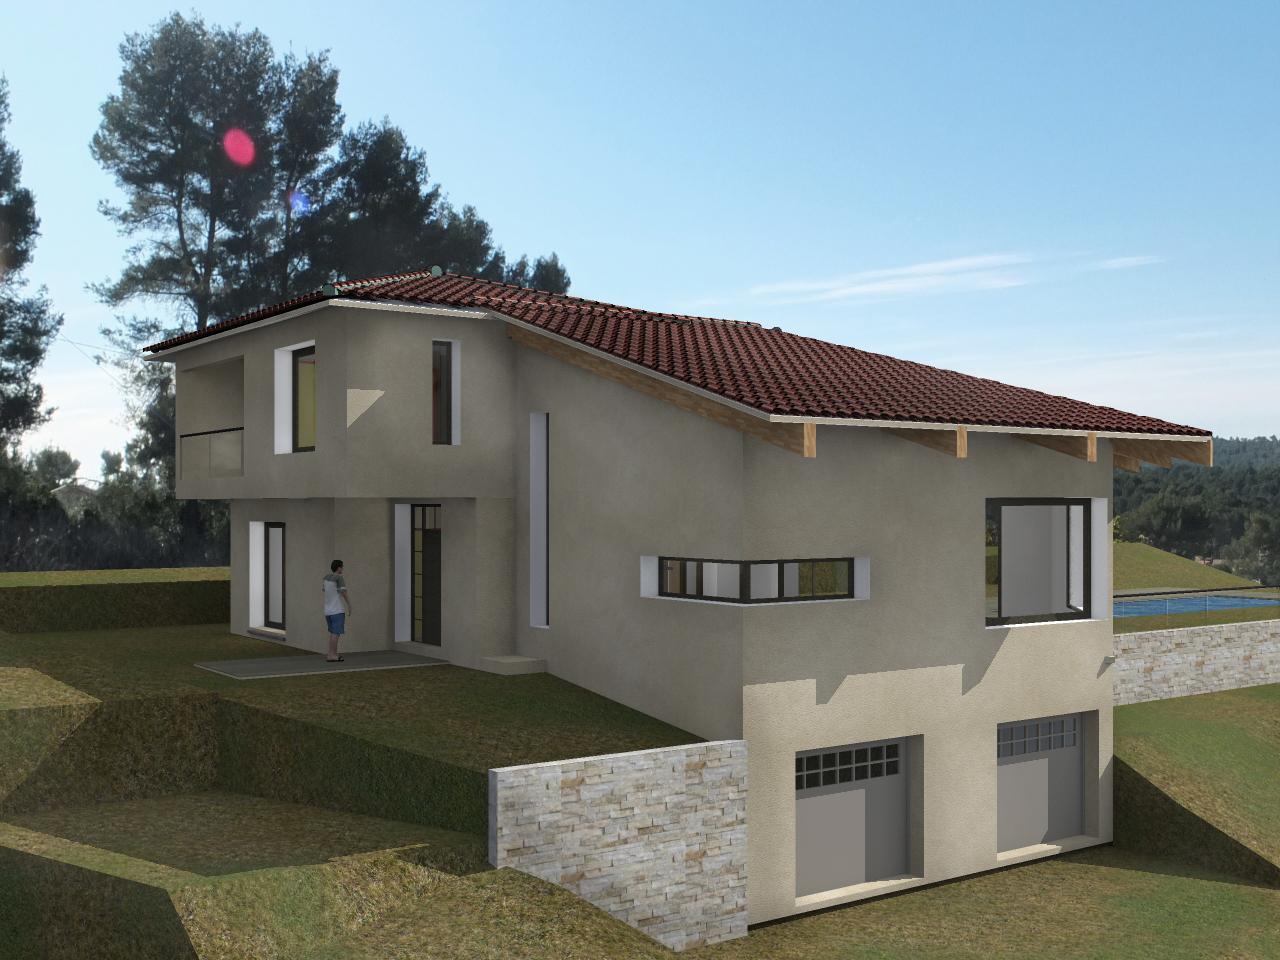 medah architecture-agence d'architectes-architectes-architectes de marseille-architecture-projets-services architecturaux